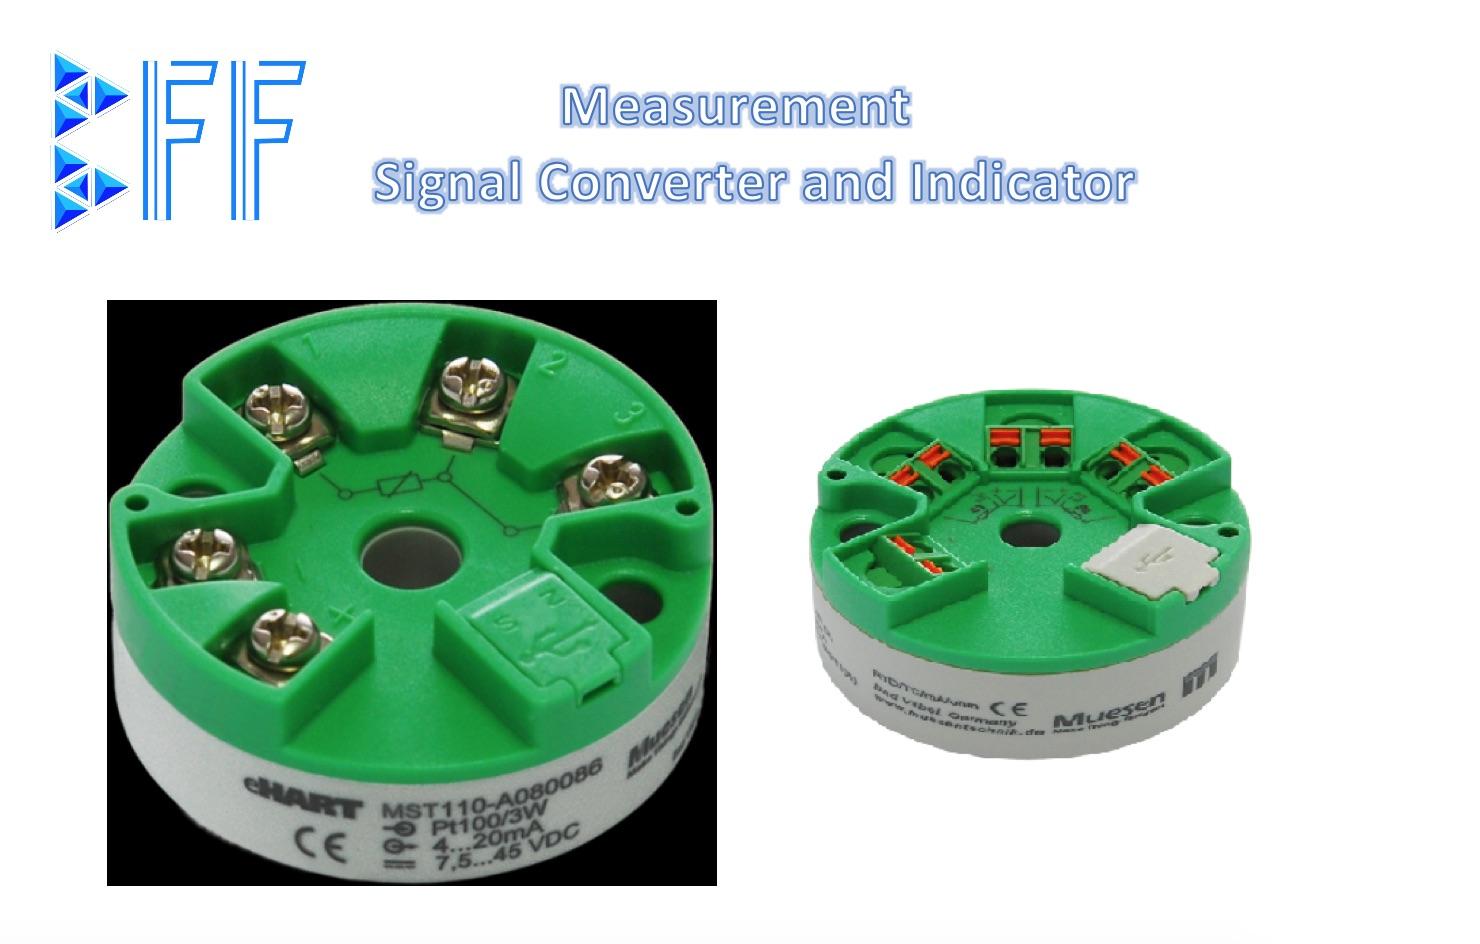 MST110 - Bộ chuyển nhiệt độ cảm biến Pt100